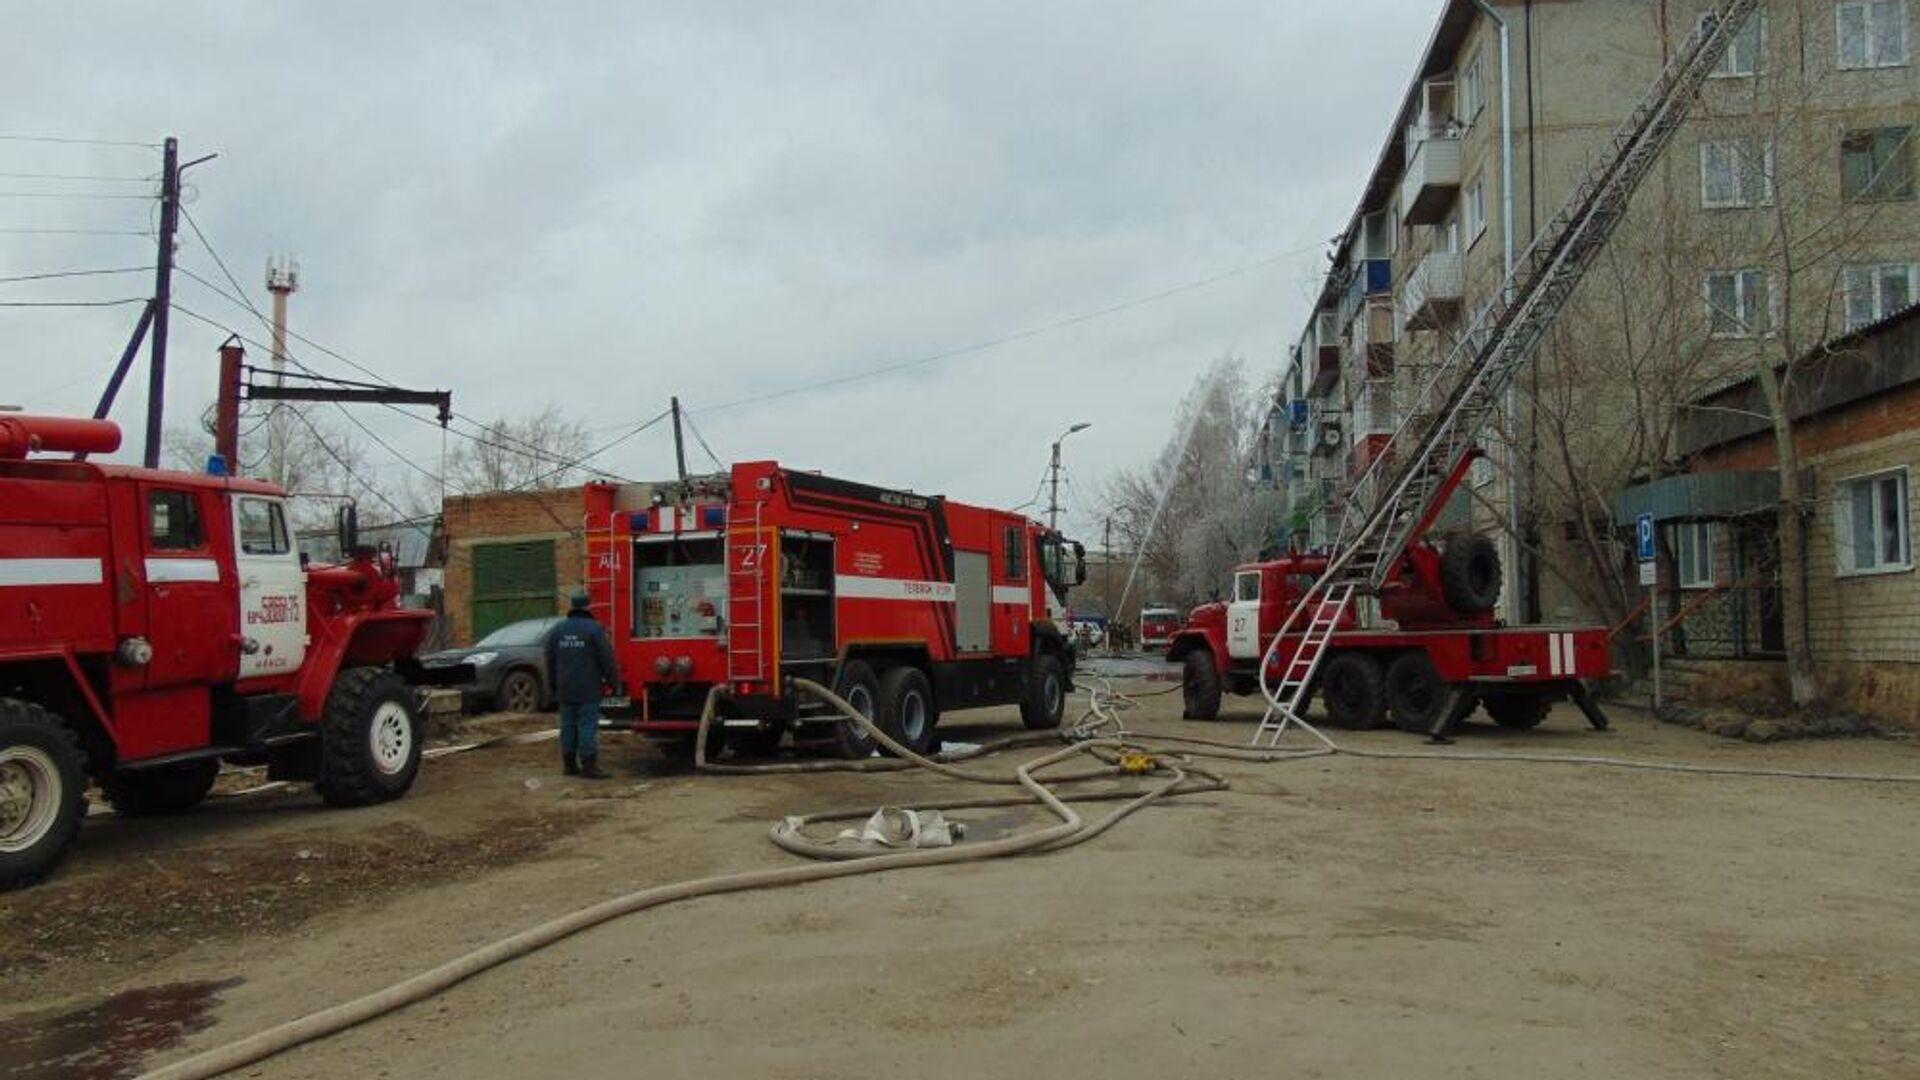 Пожар в жилом доме в городе Канске, Красноярского края. 19 апреля 2019 - РИА Новости, 1920, 05.04.2021